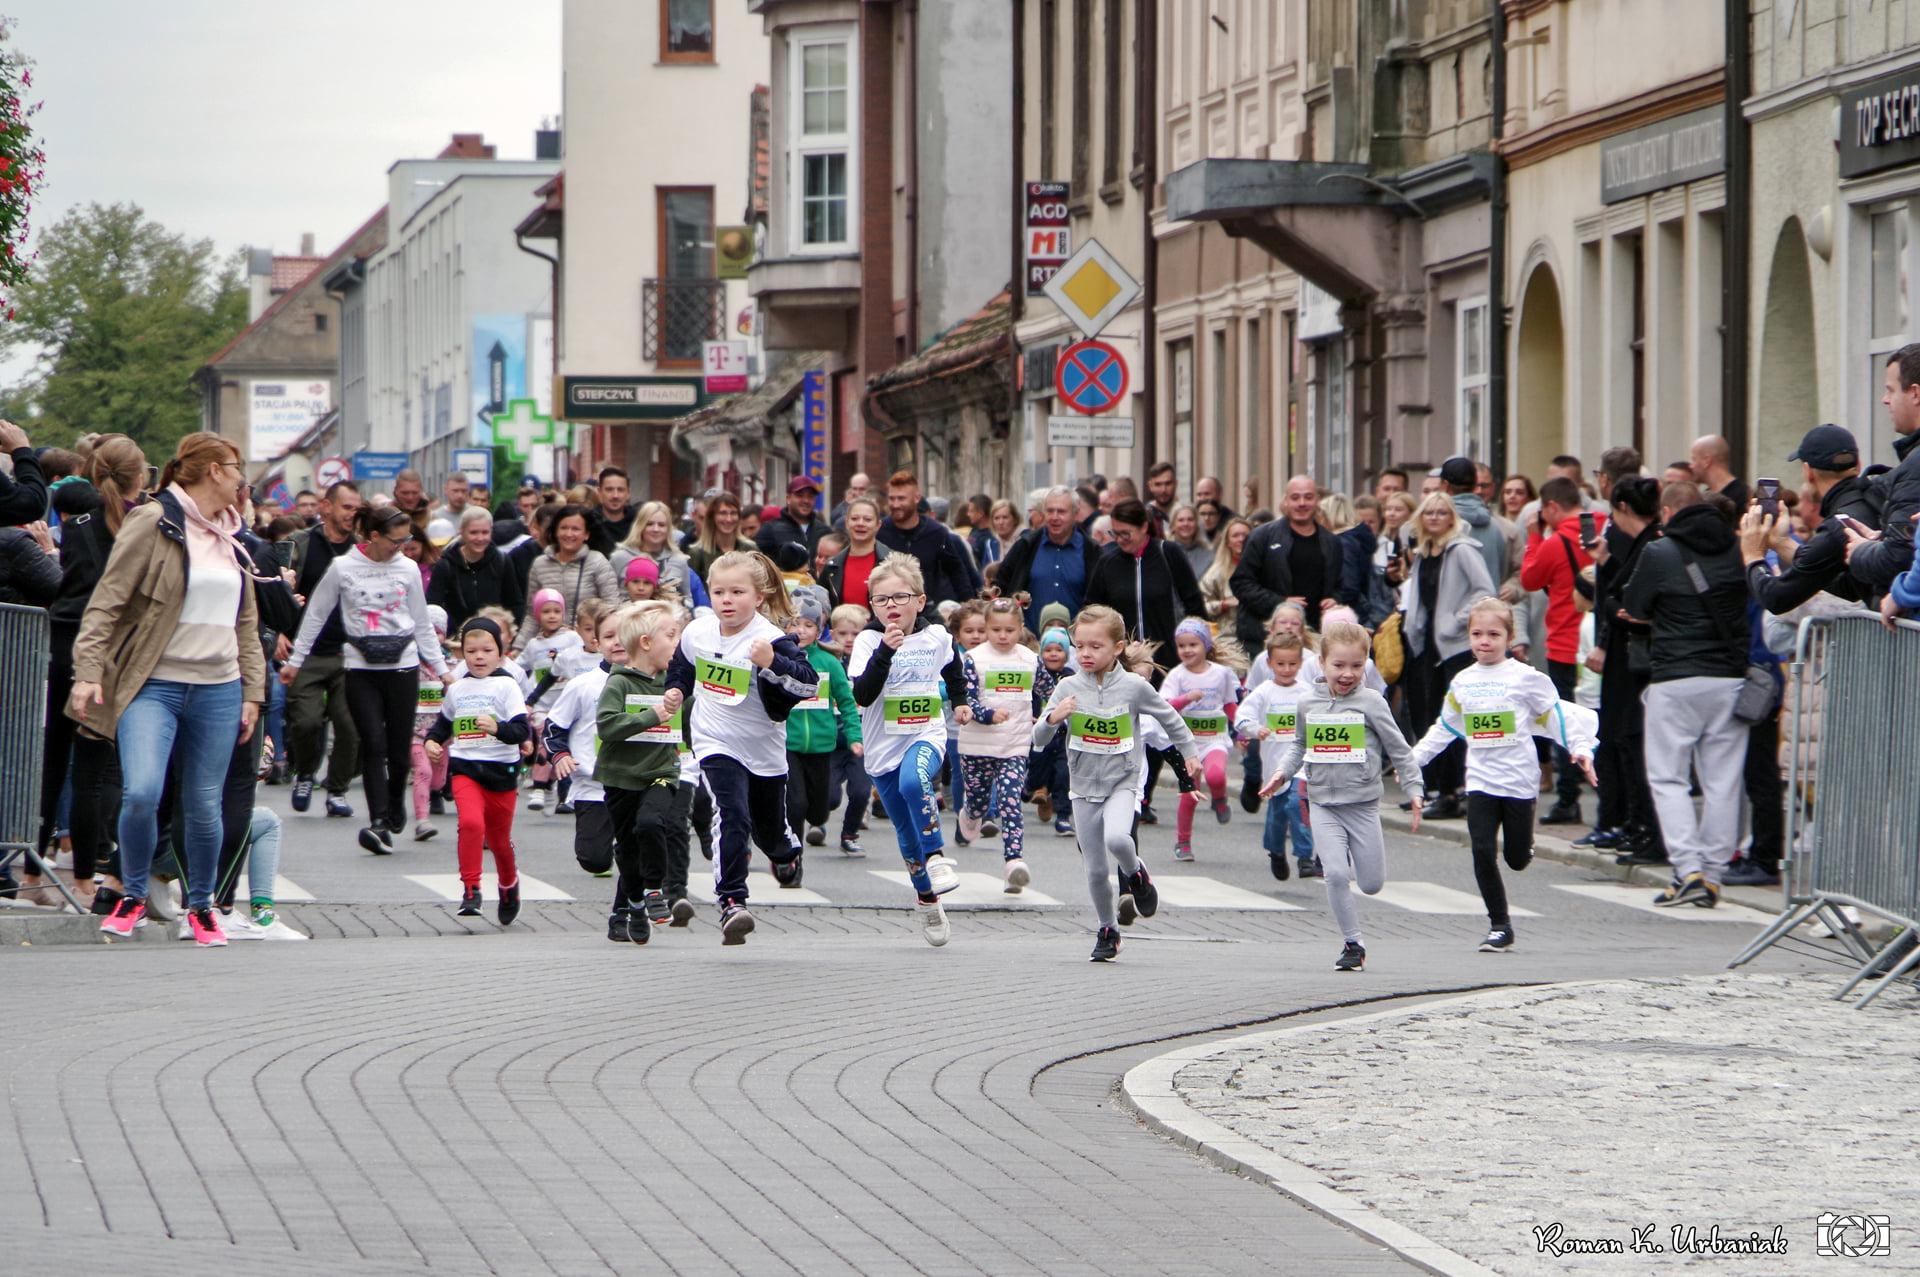 Bieg Przemusia 2021. Tak biegały dzieci! [ZDJĘCIA] - Zdjęcie główne